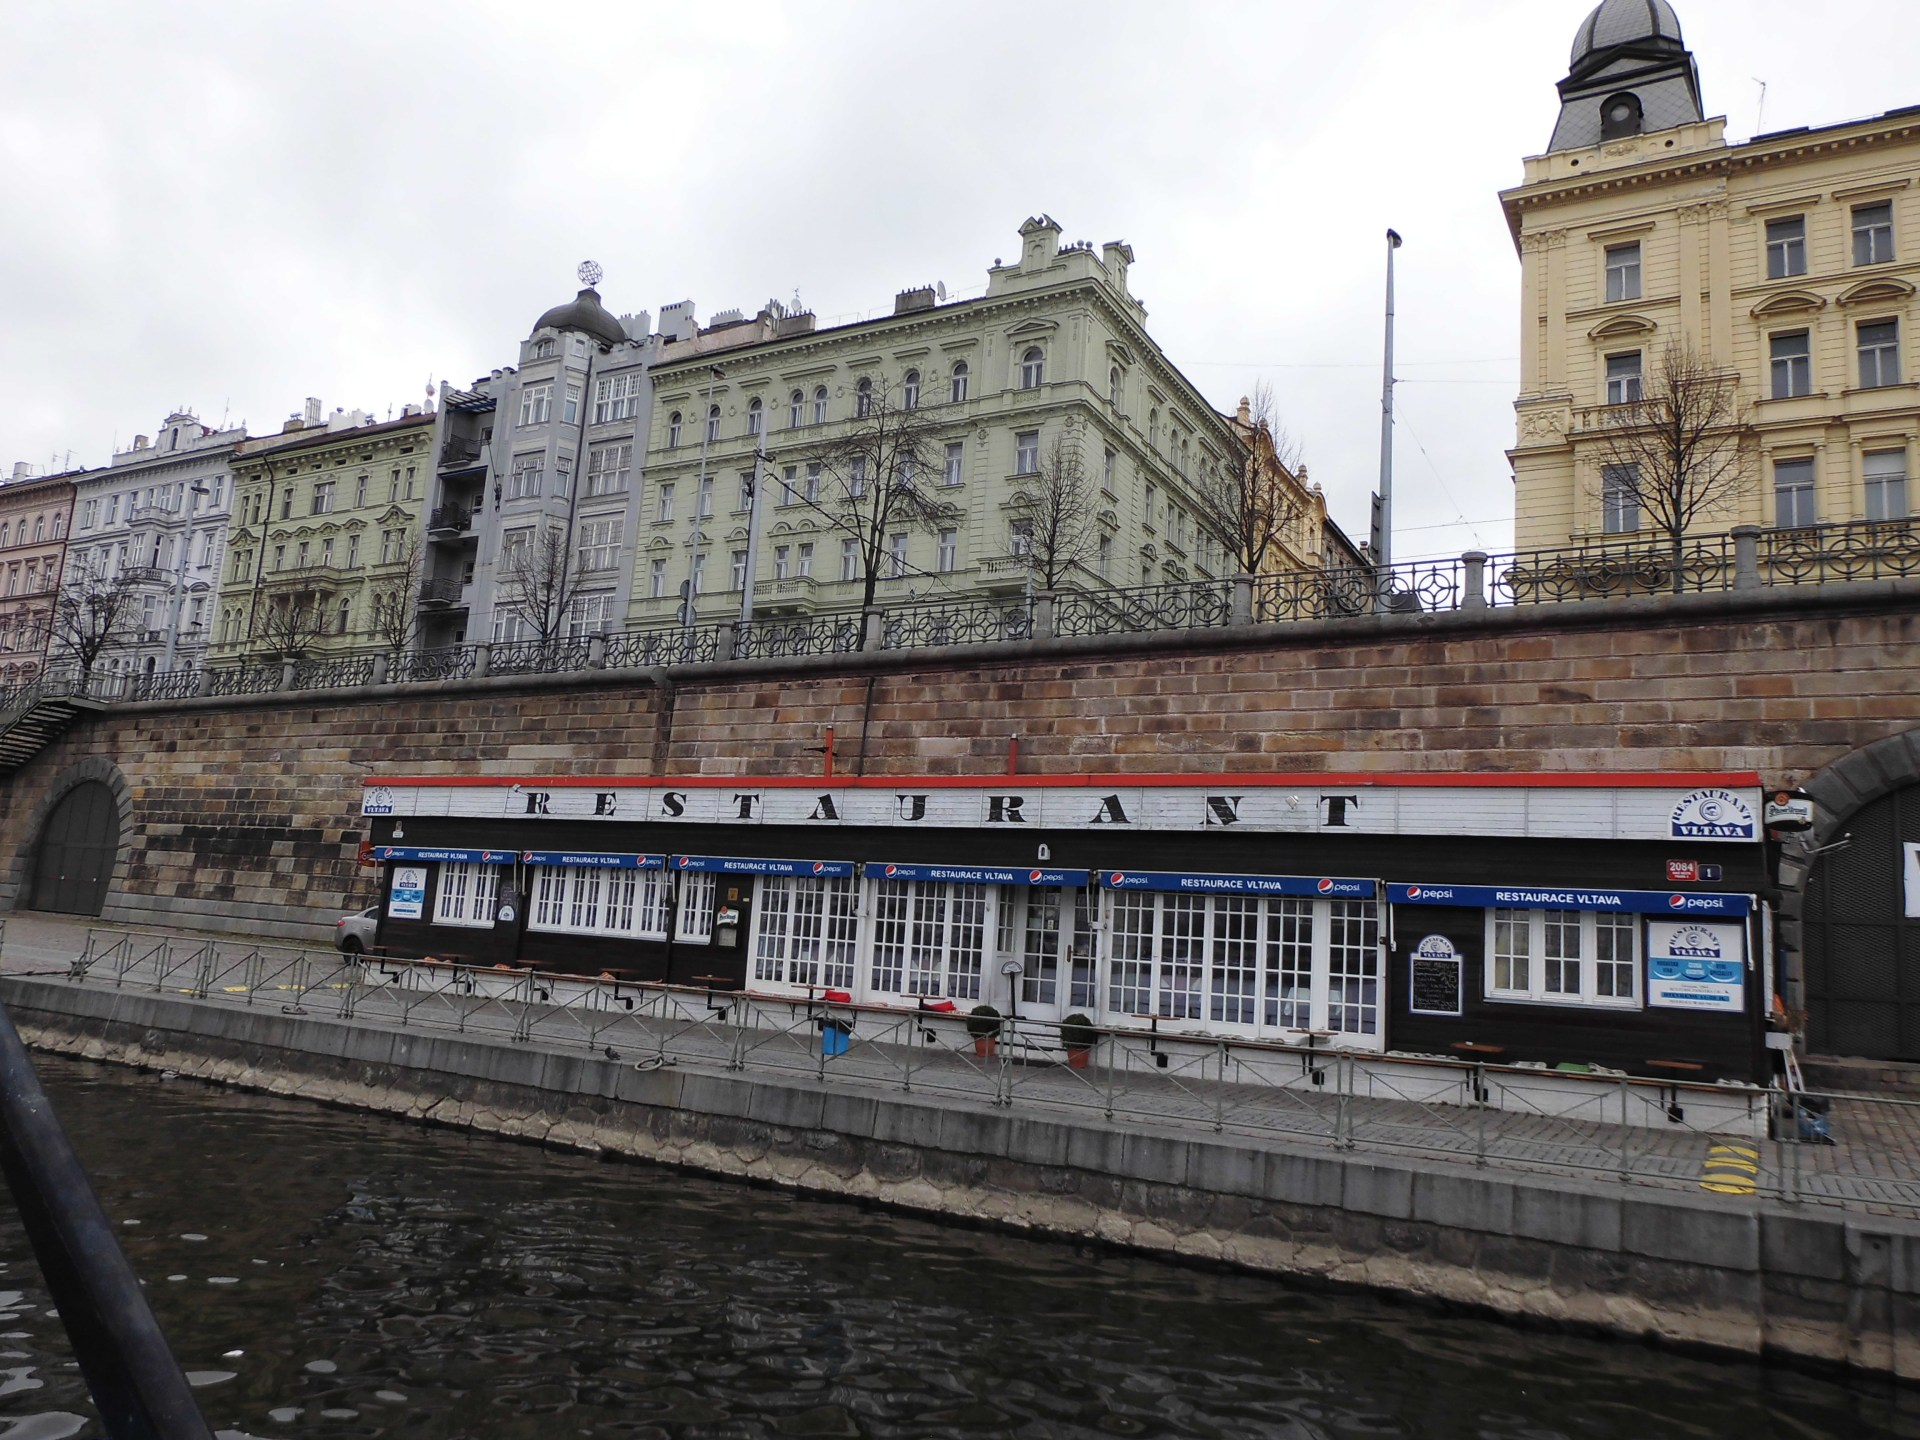 restaurace Vltava